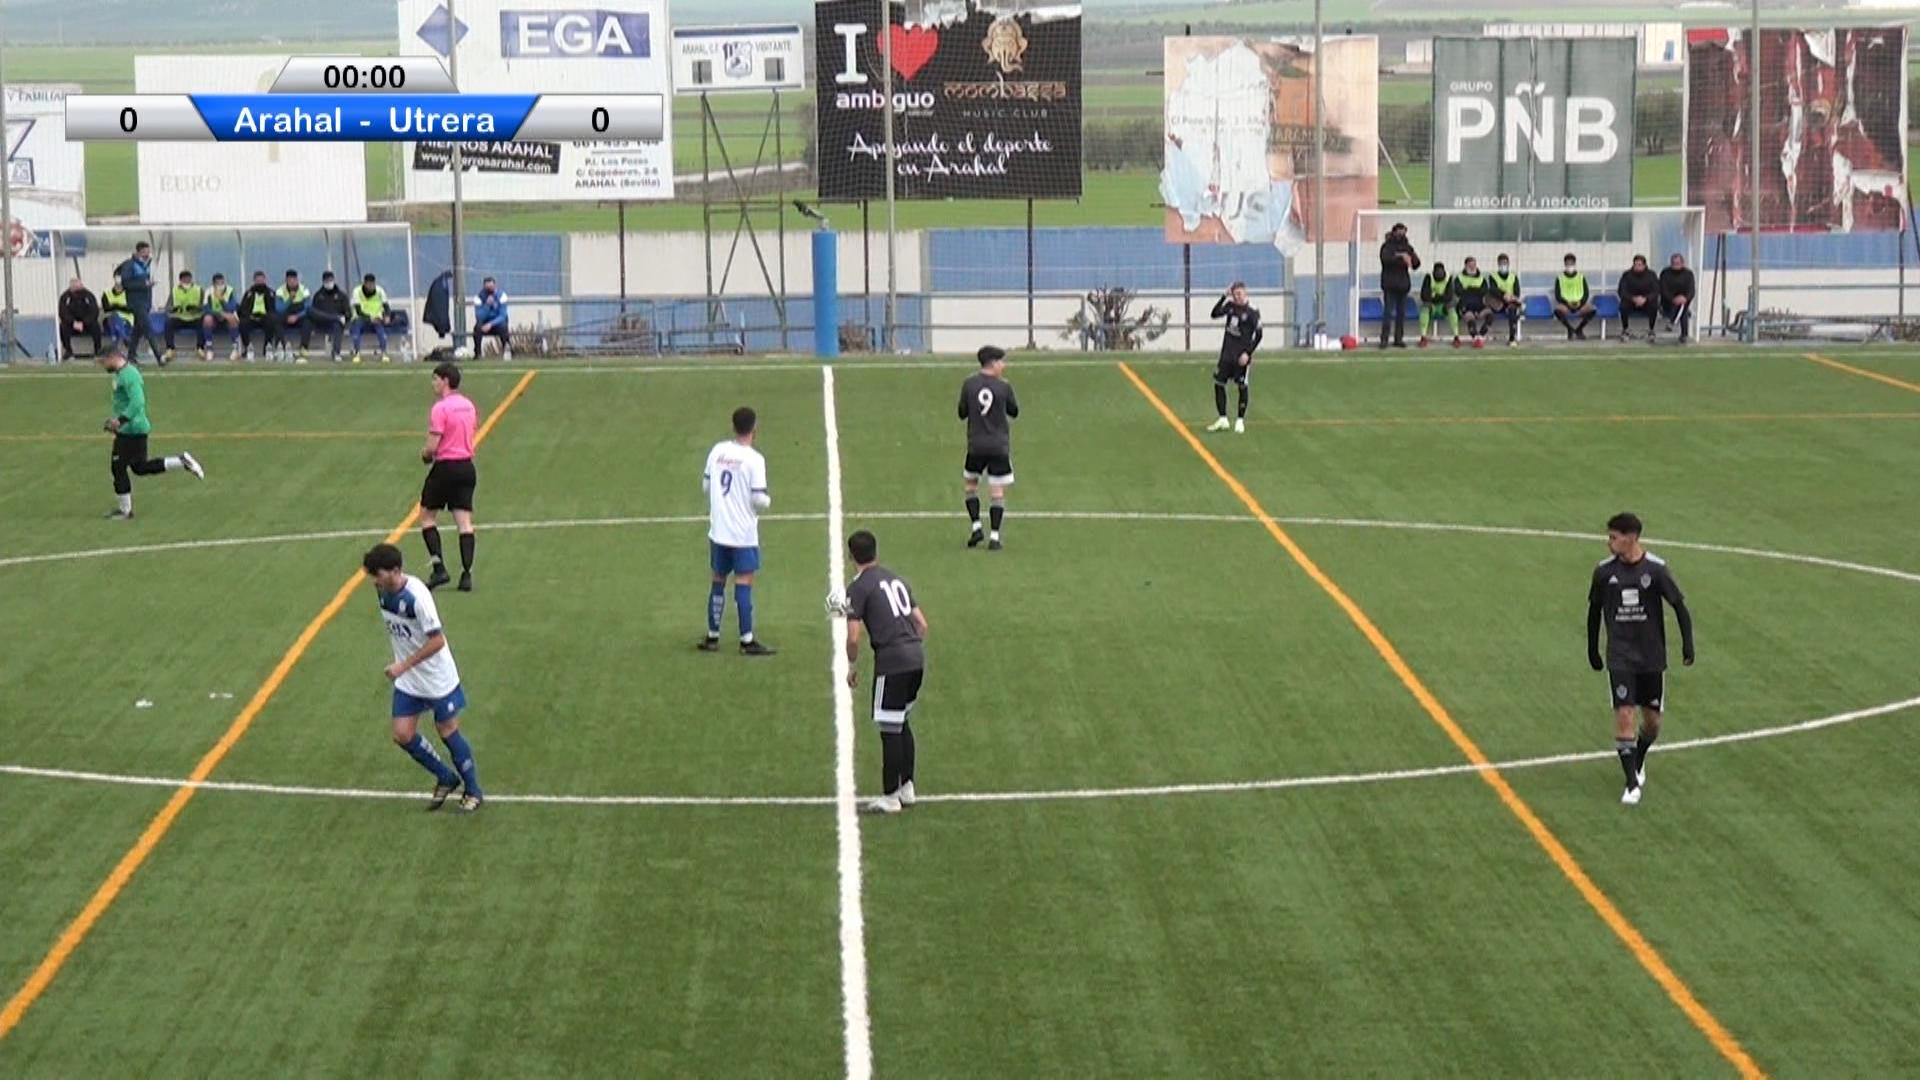 Futbol CD Arahal vs Utrera B 2021